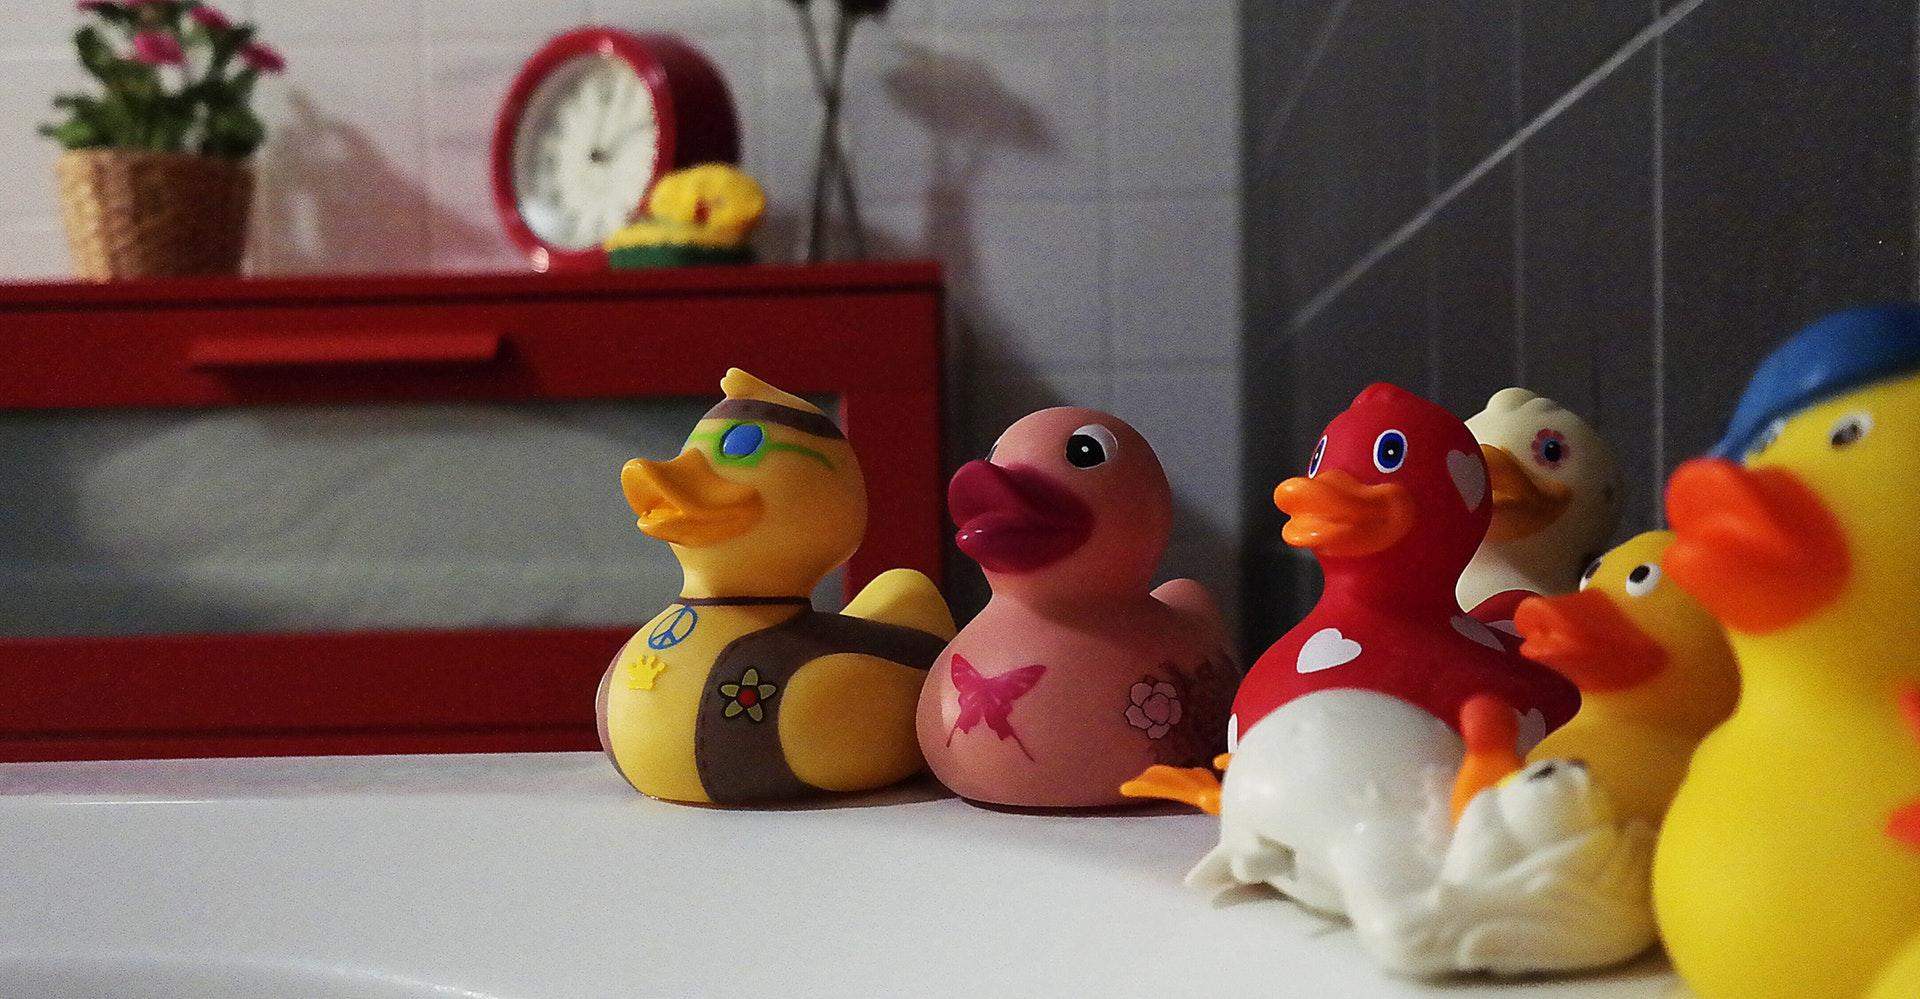 Découvrez 10 idées utiles pour décorer la salle de bain